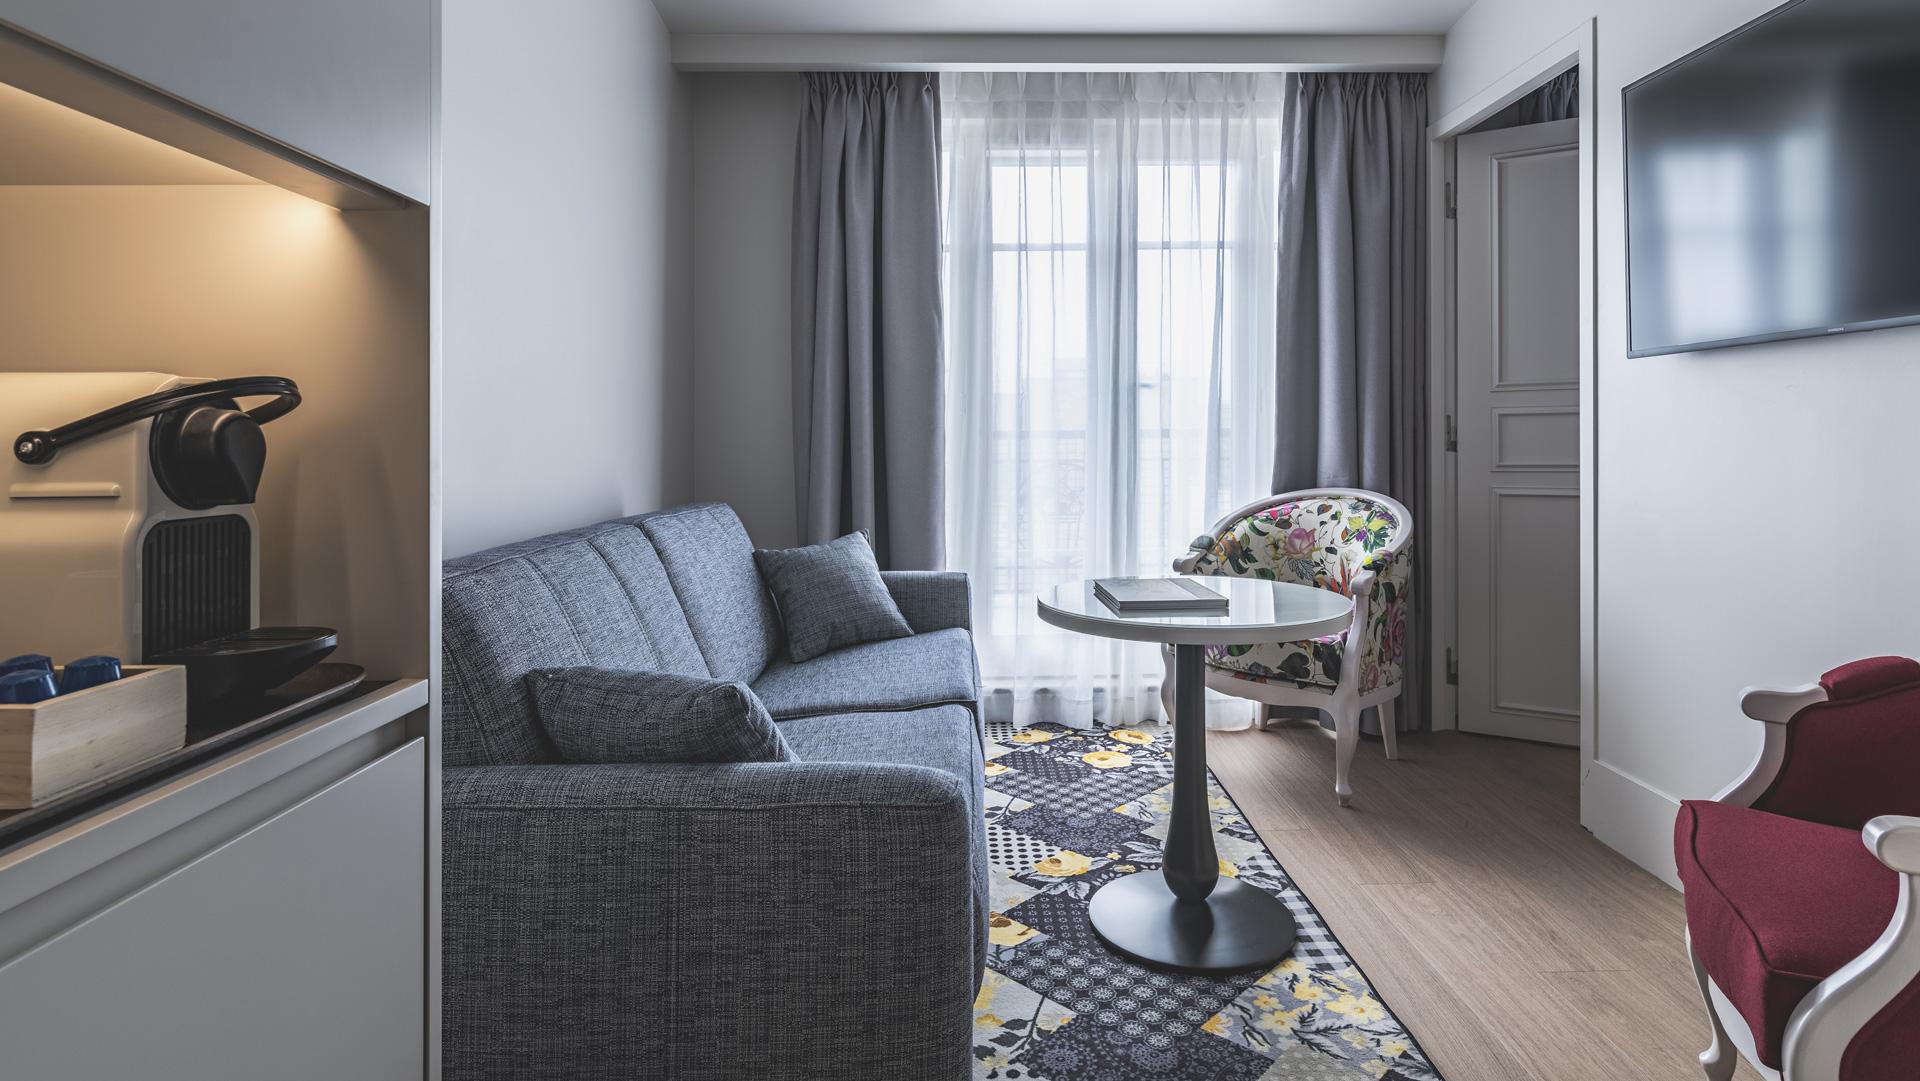 Chambre familiale paris h tel le belleval meilleur tarif garanti - Hotel chambre familiale paris ...